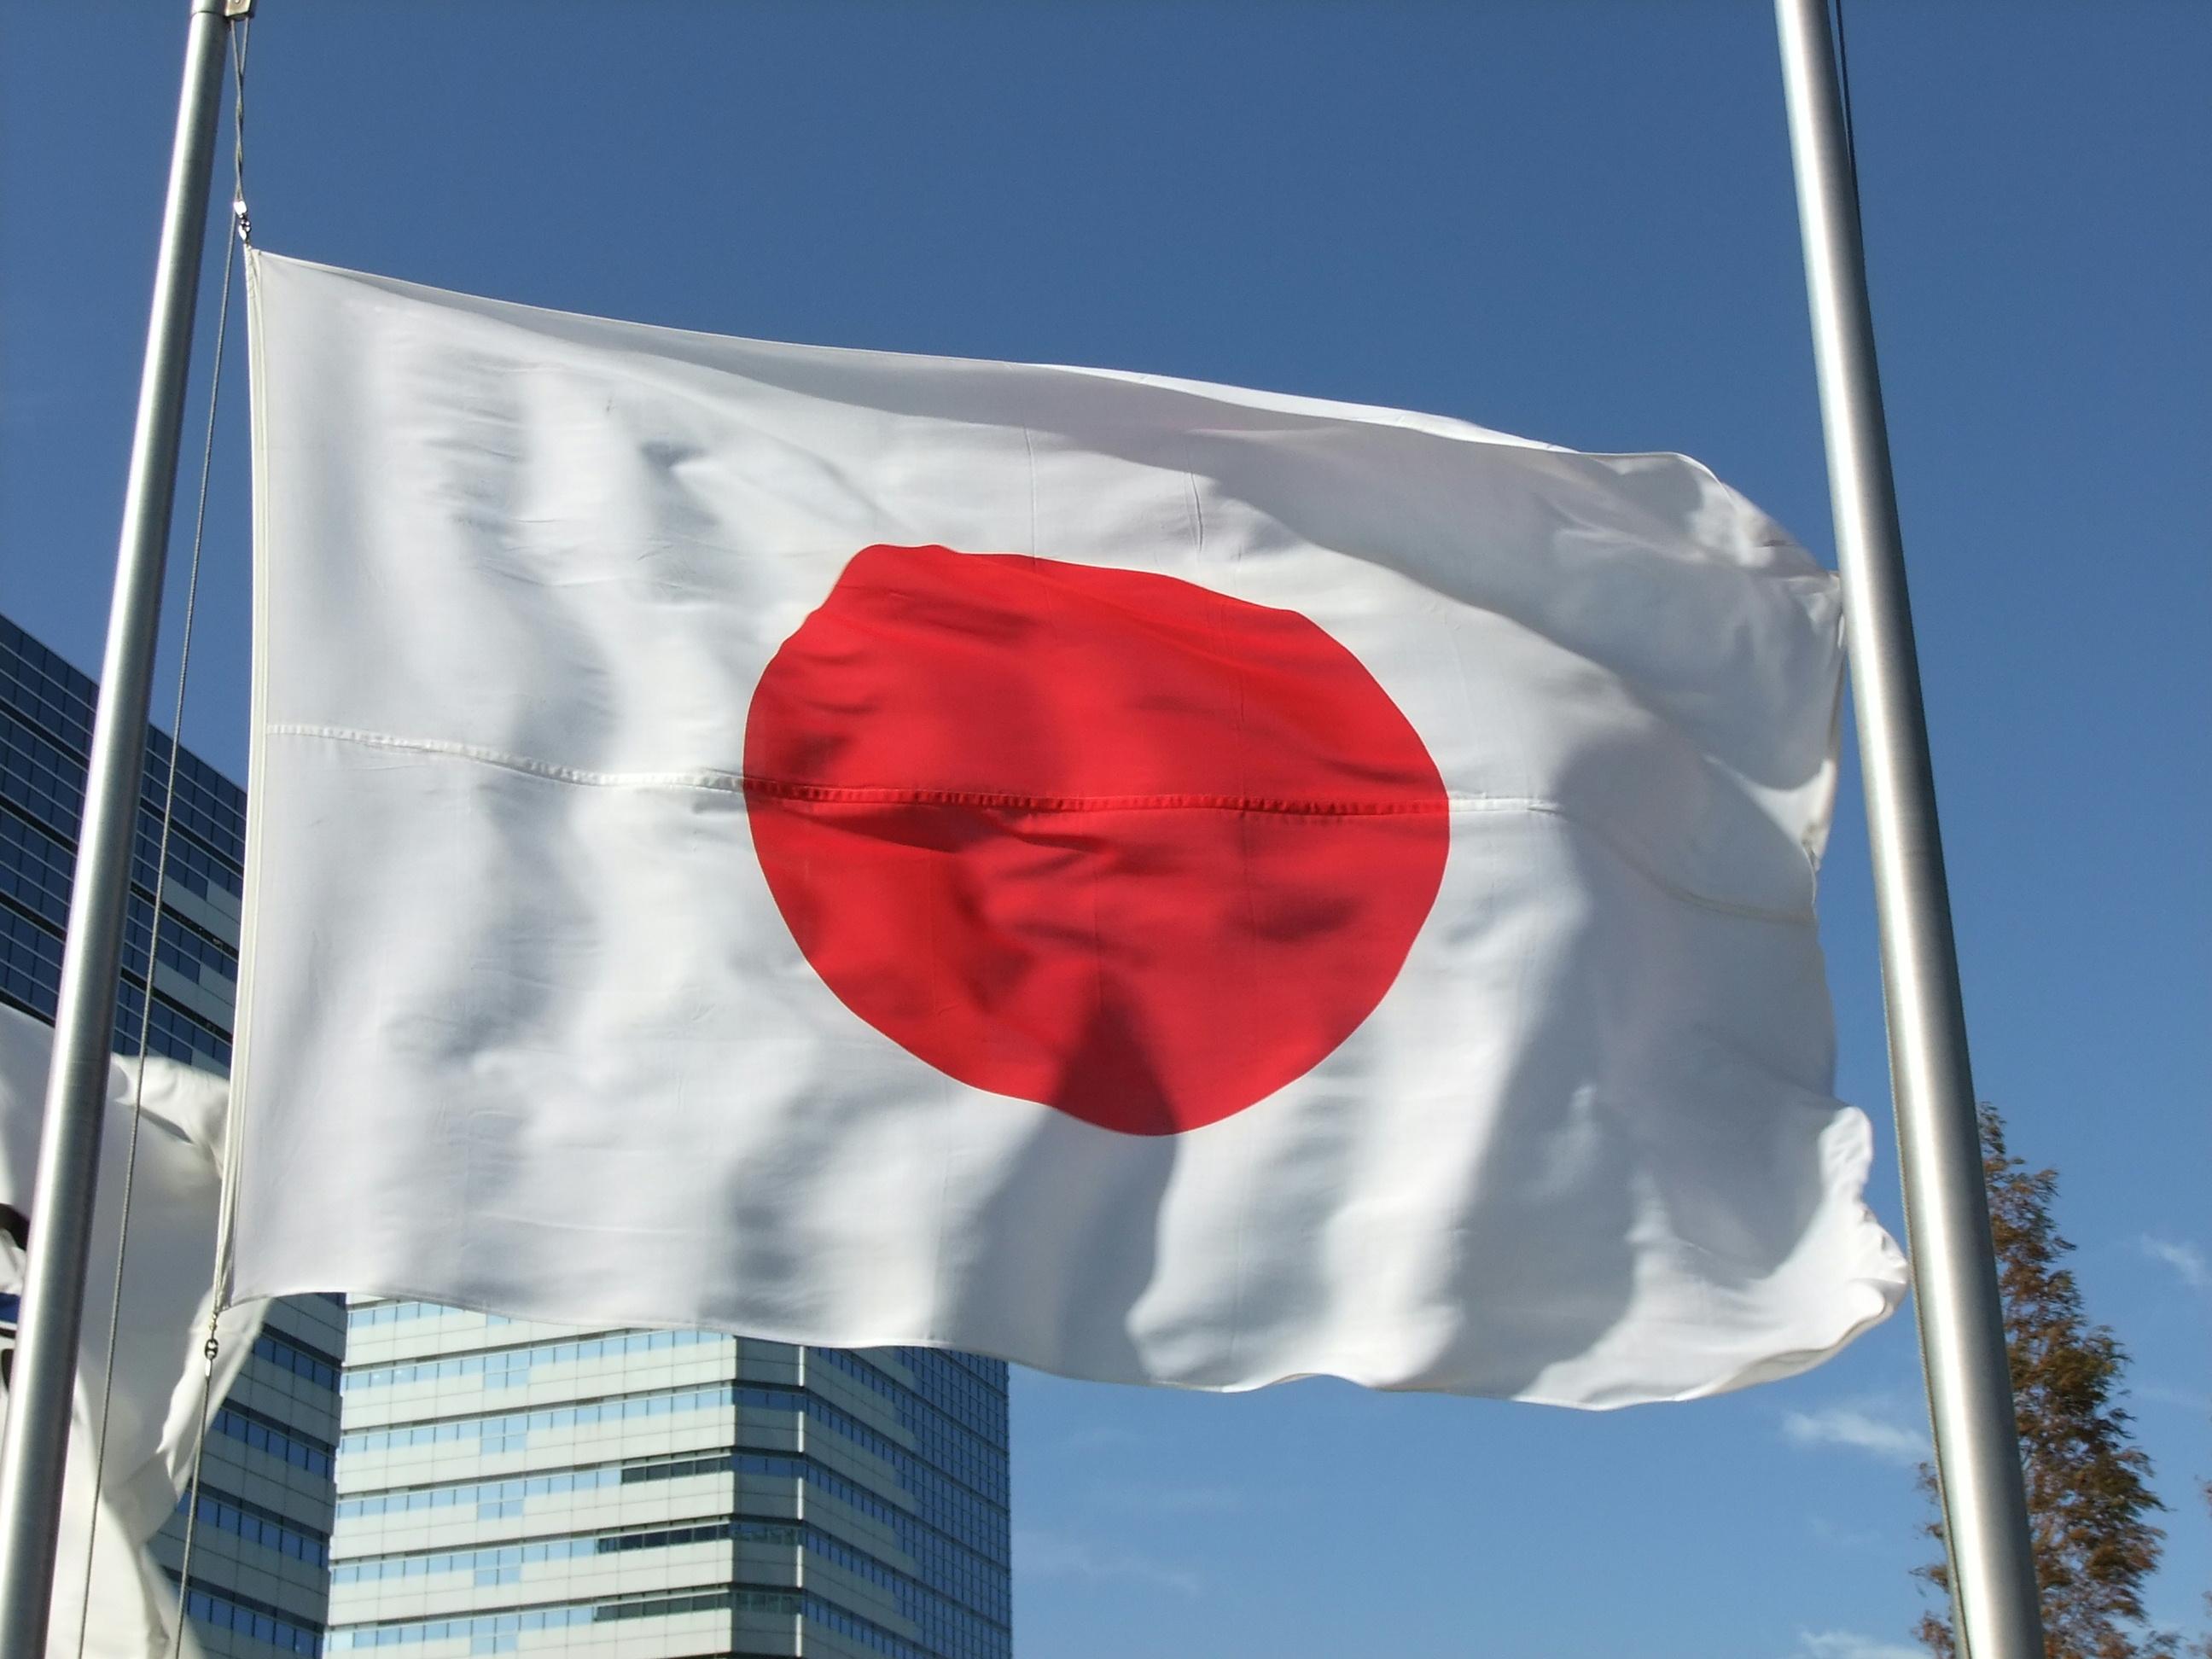 Giappone: entra in vigore legge sulla sicurezza militare. Forze di autodifesa attive all'estero.